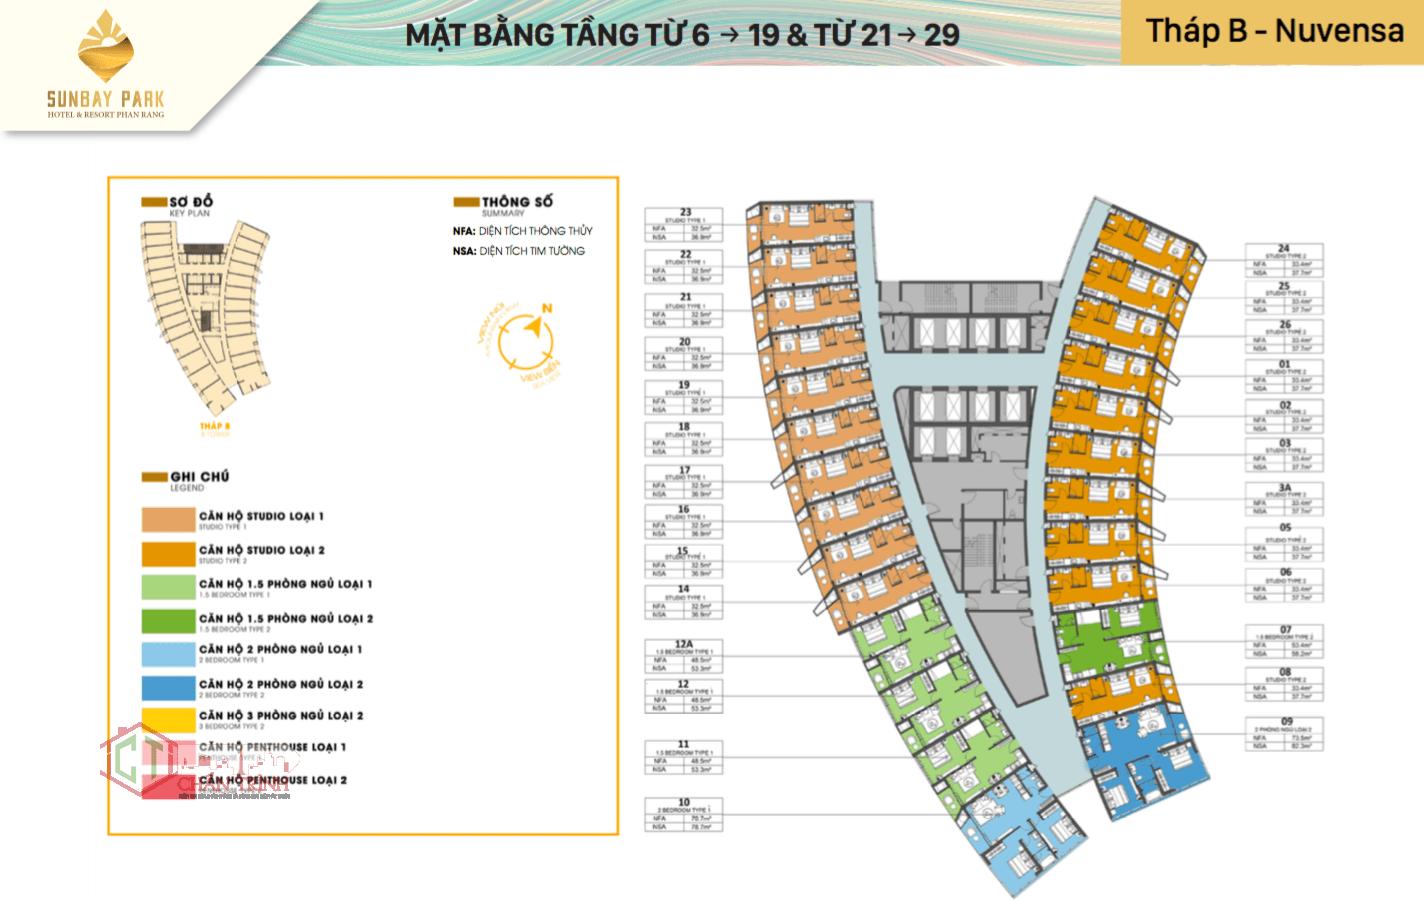 Thiết kế MB căn hộ Sunbay Park tháp B từ tầng 06 đến tầng 19 & 21 đến 29